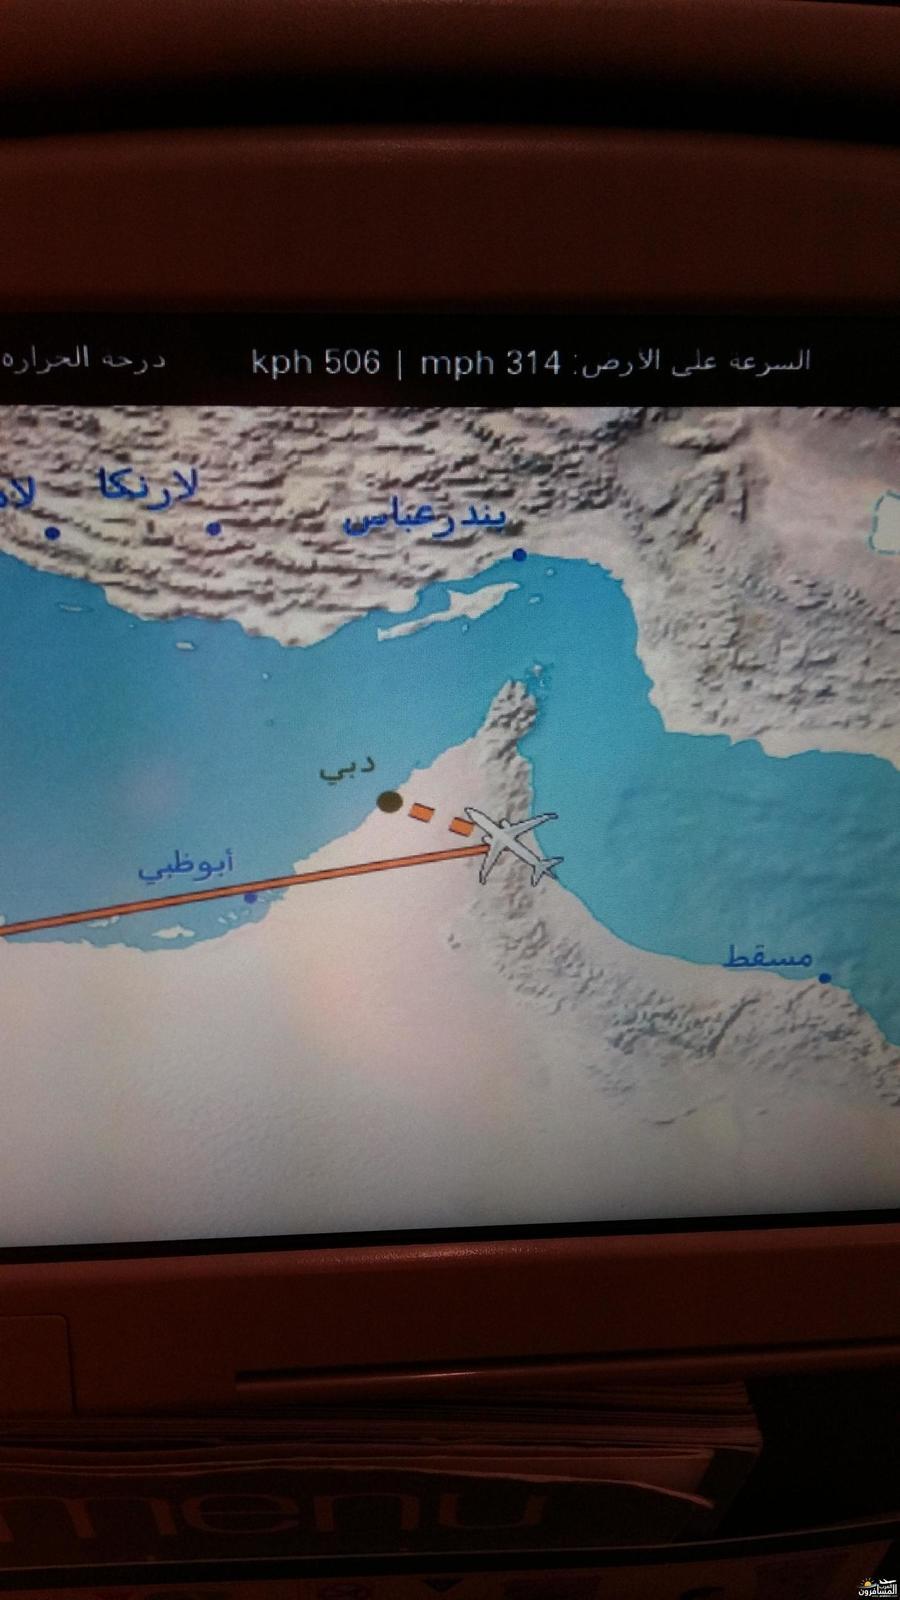 655152 المسافرون العرب نبذة عن الميقات